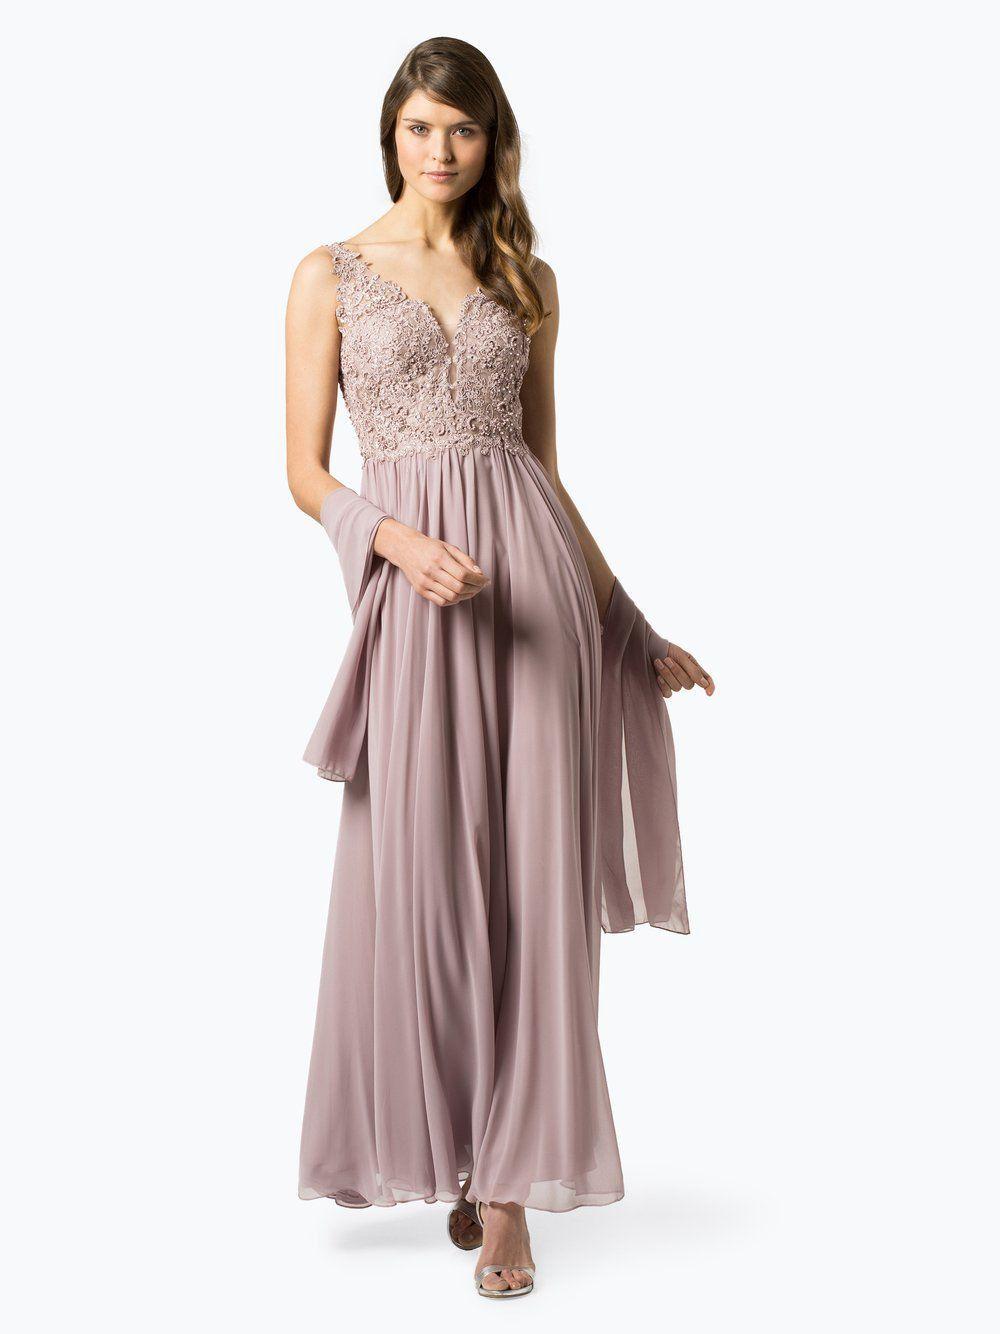 Abend Luxus Unique Abendkleid Mit Stola Design in 2020 ...